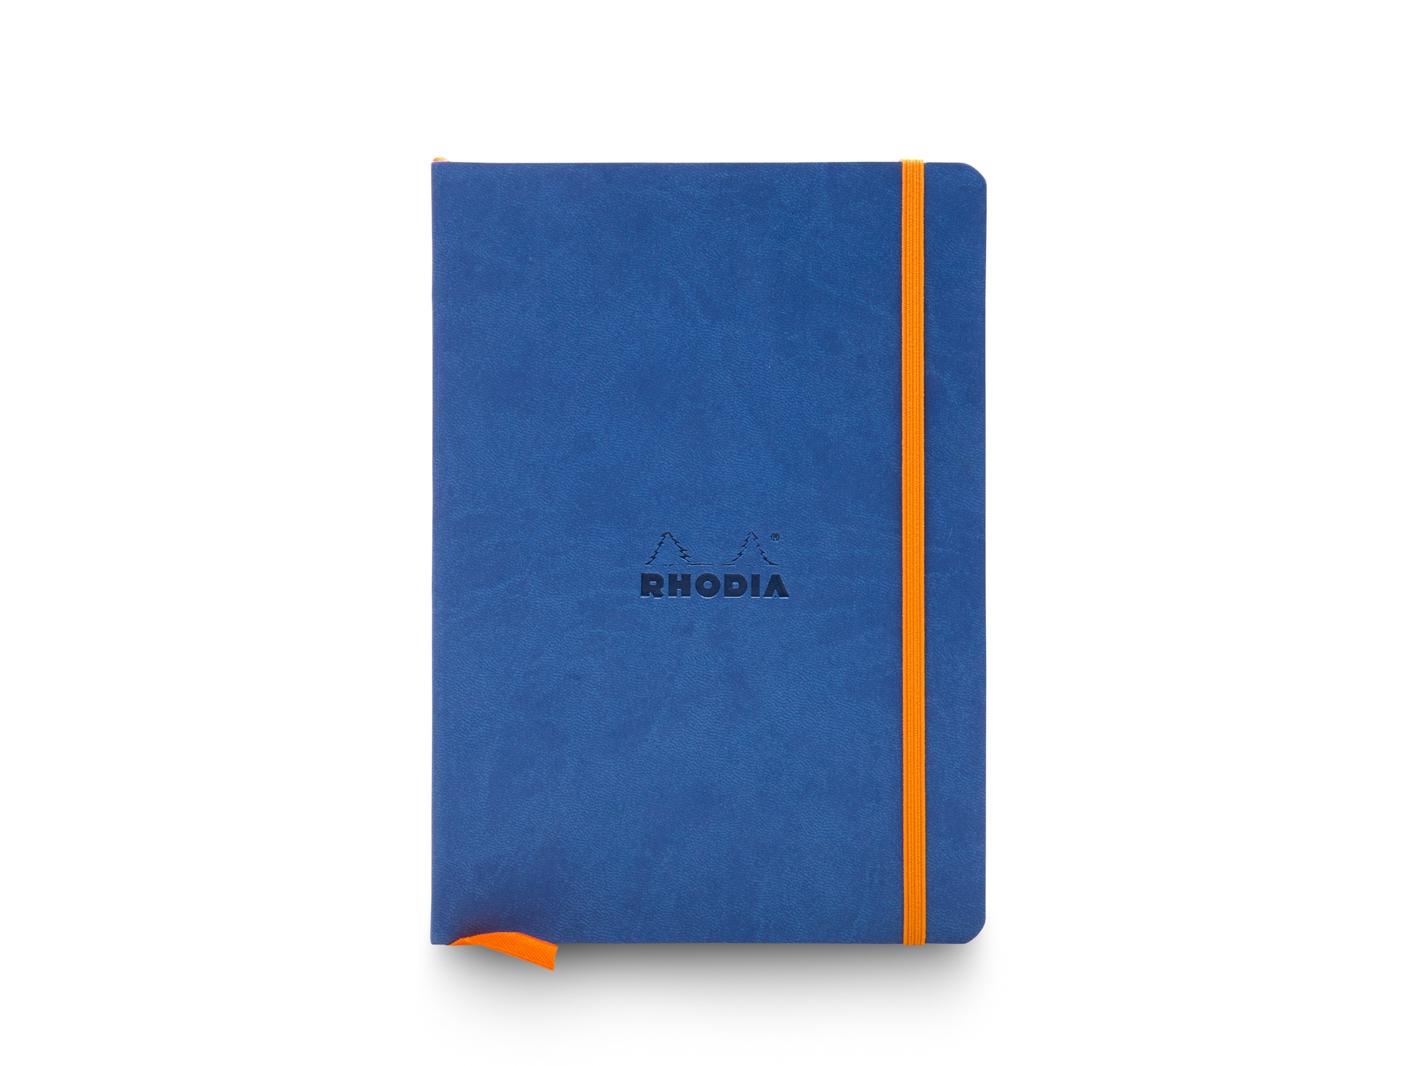 Rhodia Rhodiarama Soft Cover A5 Notebook -